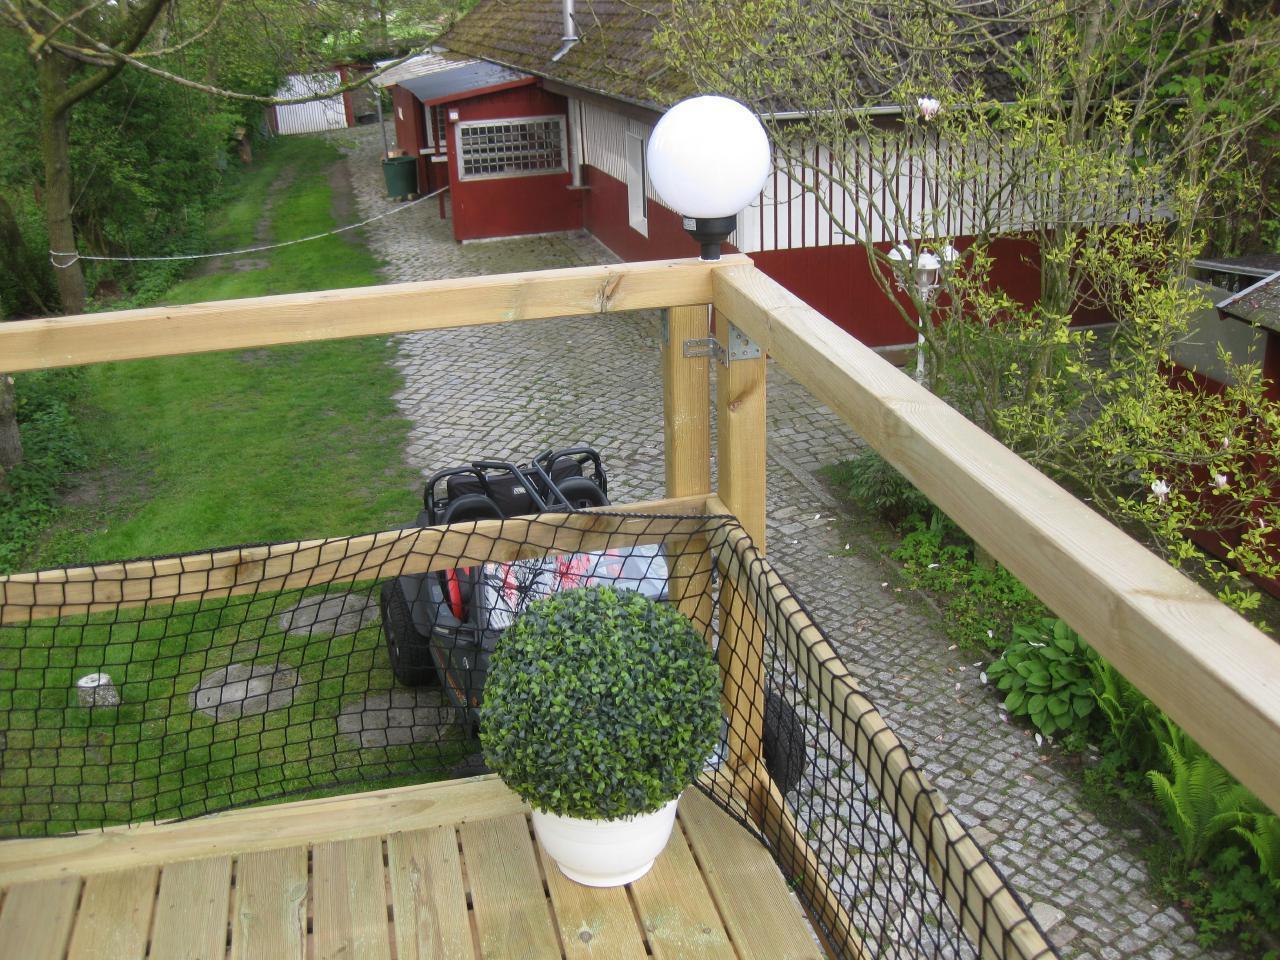 Blick zum überdachten Grillplatz von Balkon 2